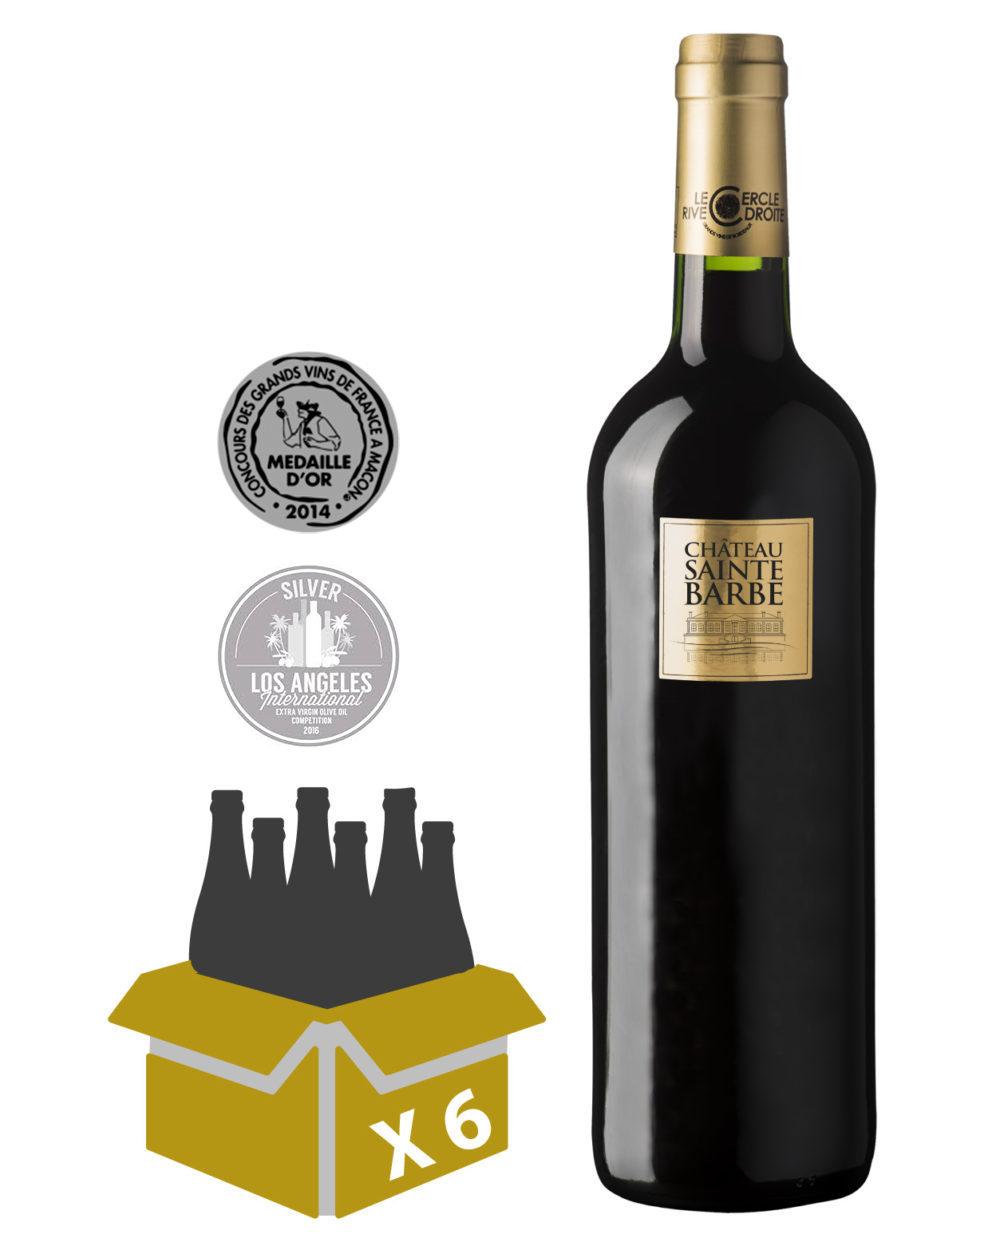 château sainte barbe 2016, achat vins de bordeaux